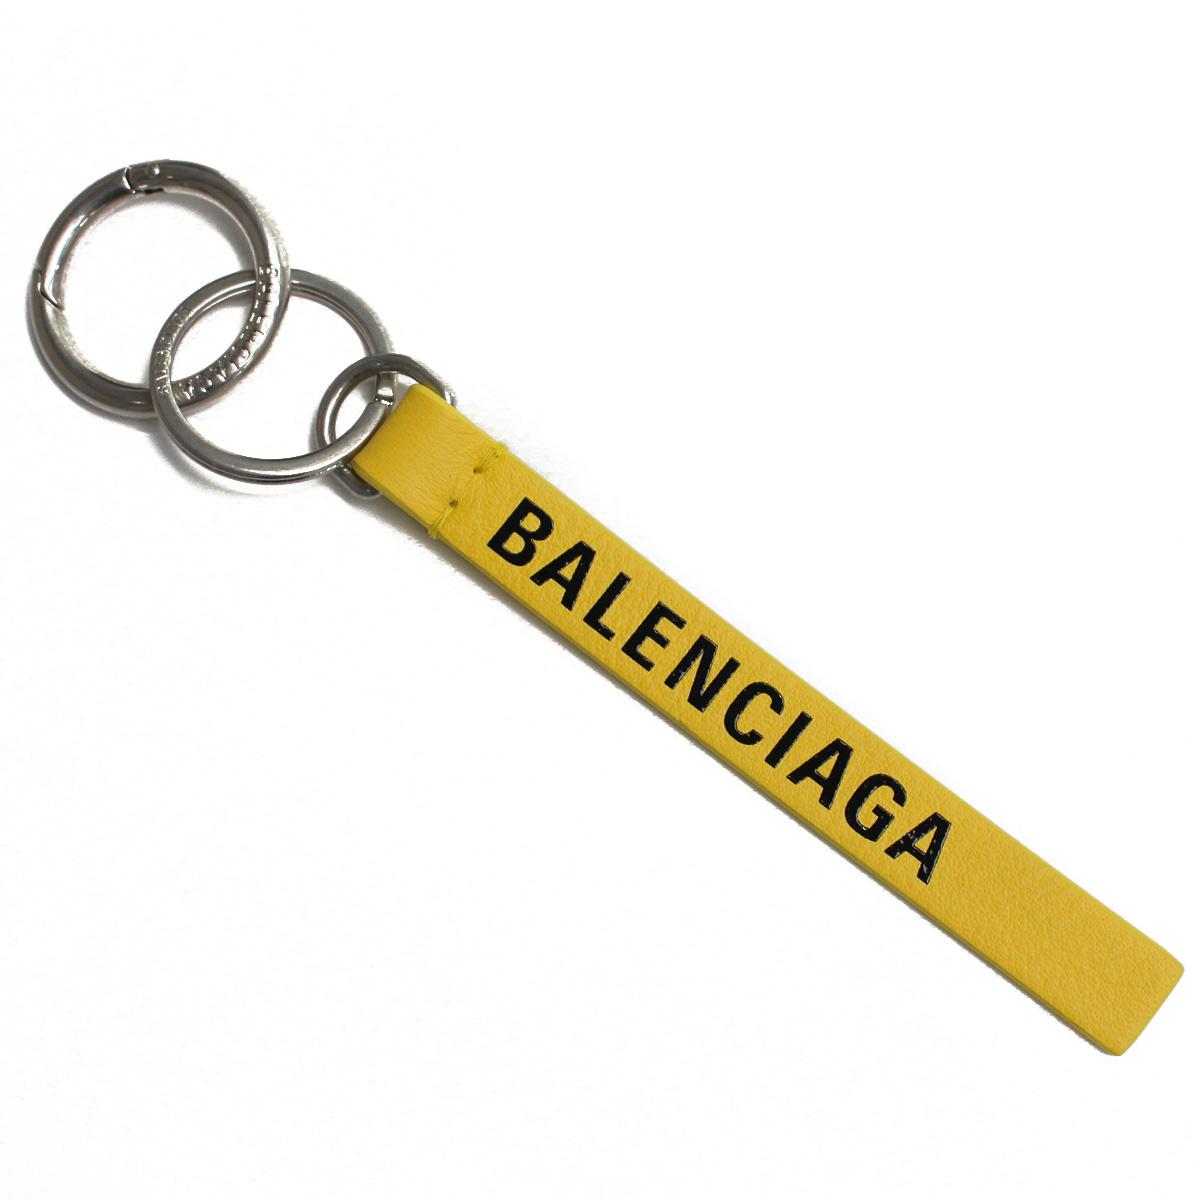 バレンシアガ BALENCIAGA キーリング 551984 DLQ4N 7160 イエロー系 メンズ レディース